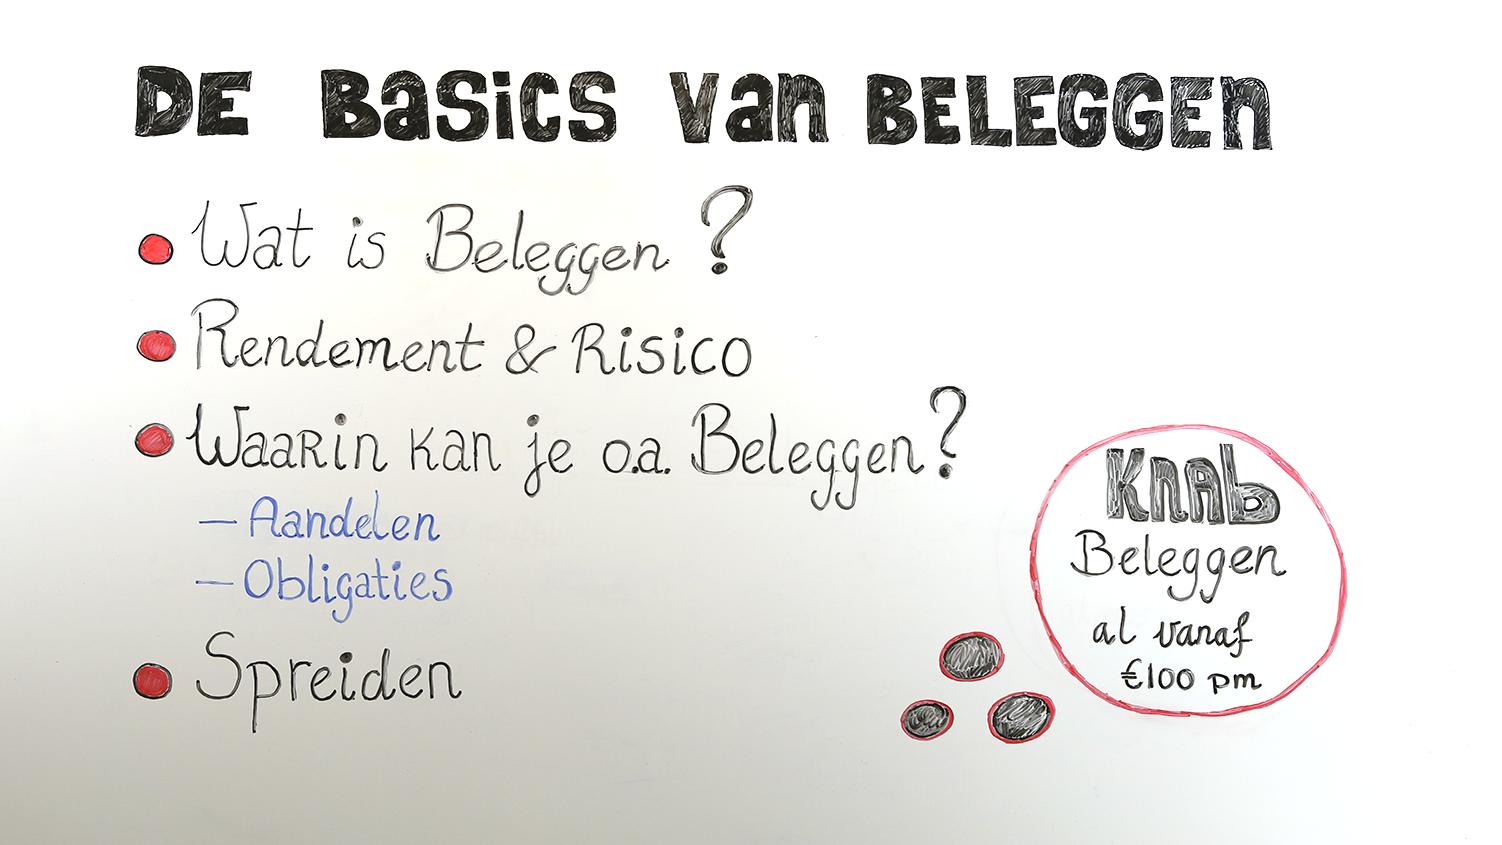 Beleggen voor beginners: 4 uitgelichte basics van beleggen op het whiteboard